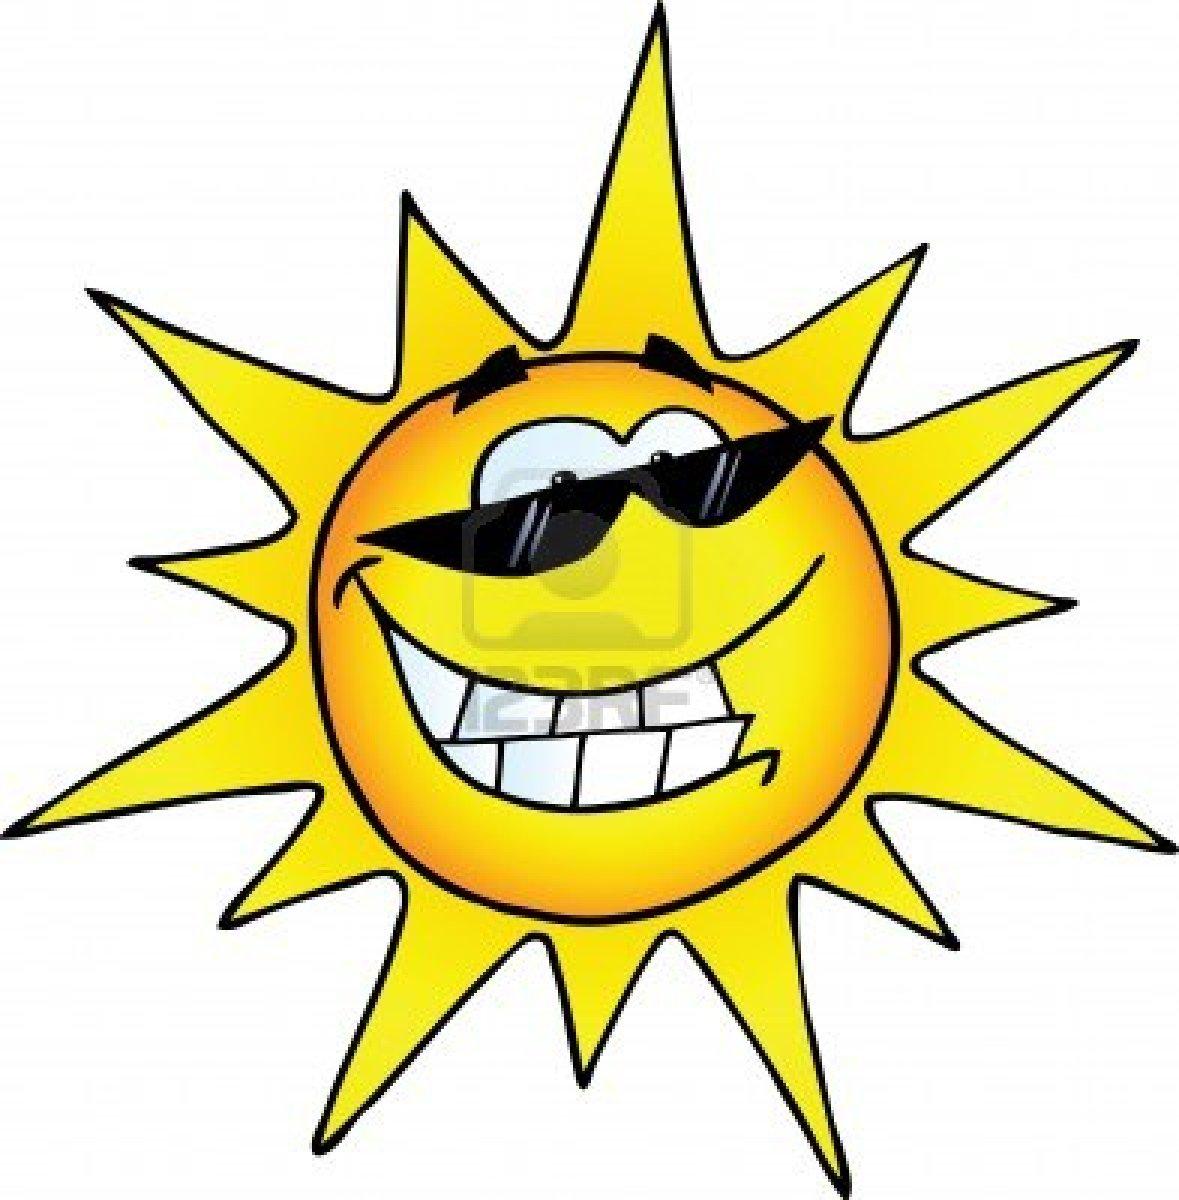 Dessins en couleurs imprimer soleil num ro 286637 - Dessin de soleil a imprimer ...